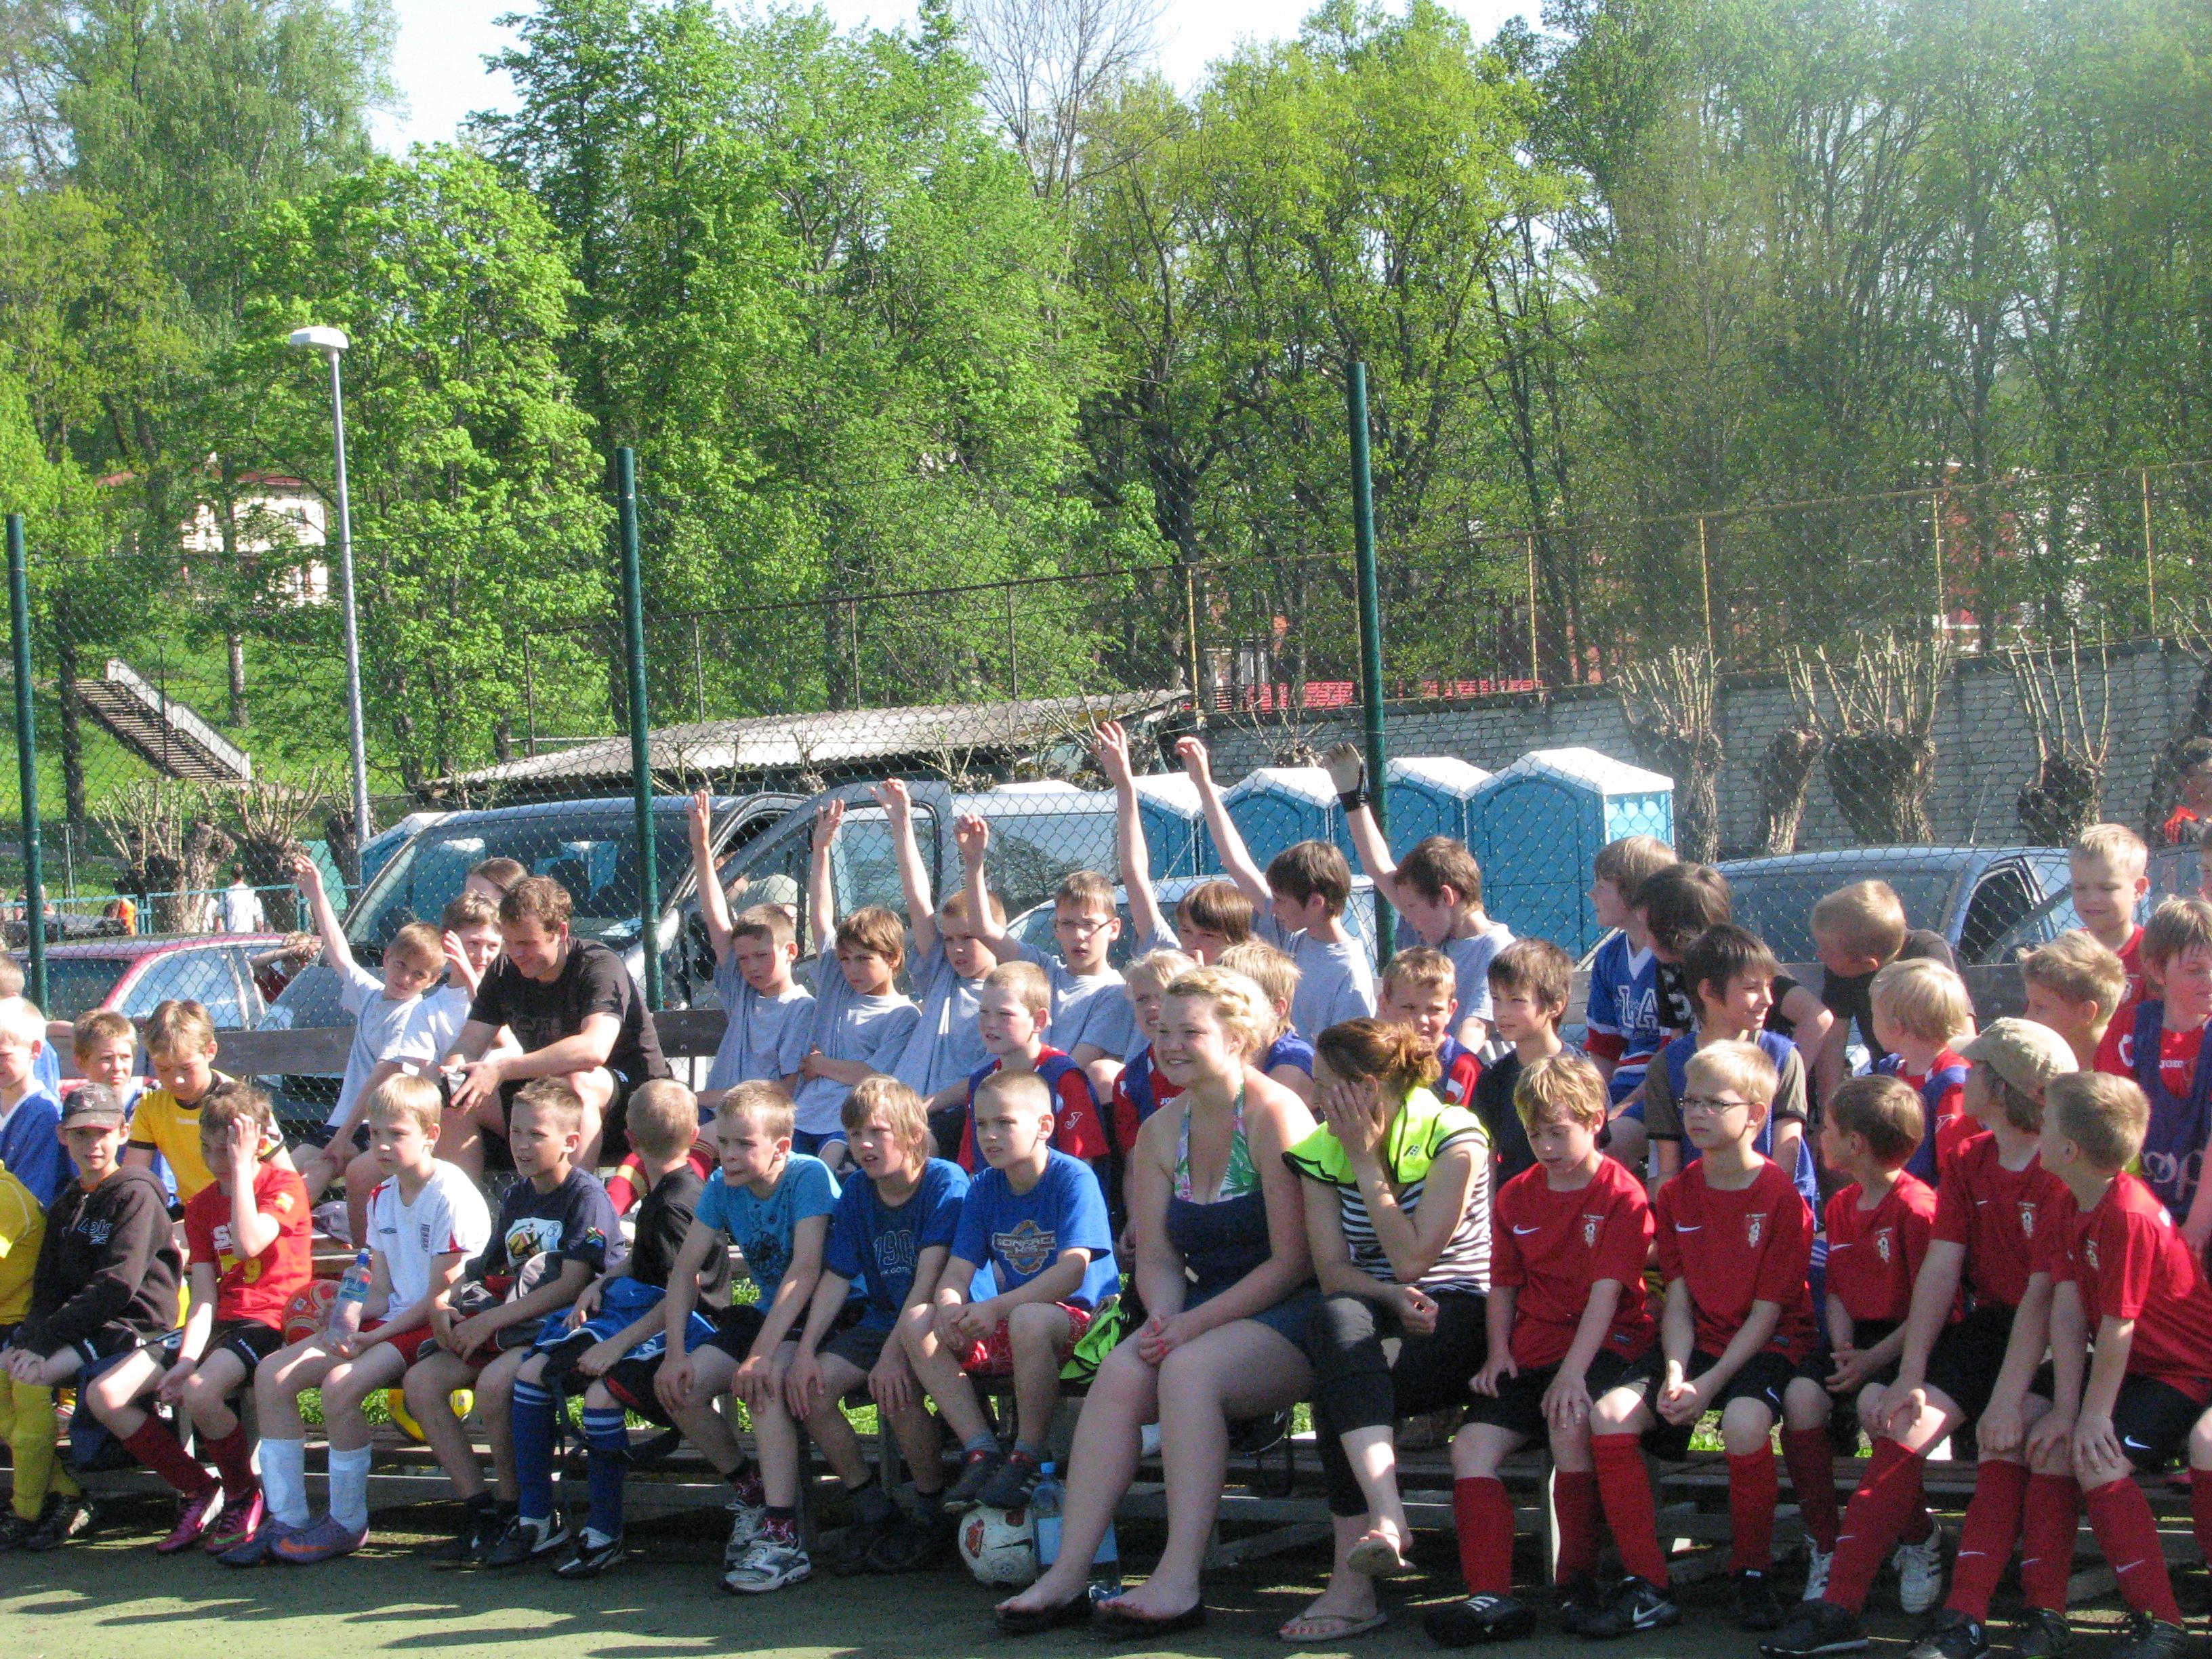 Noored jalgpallurid Sakala mängudel